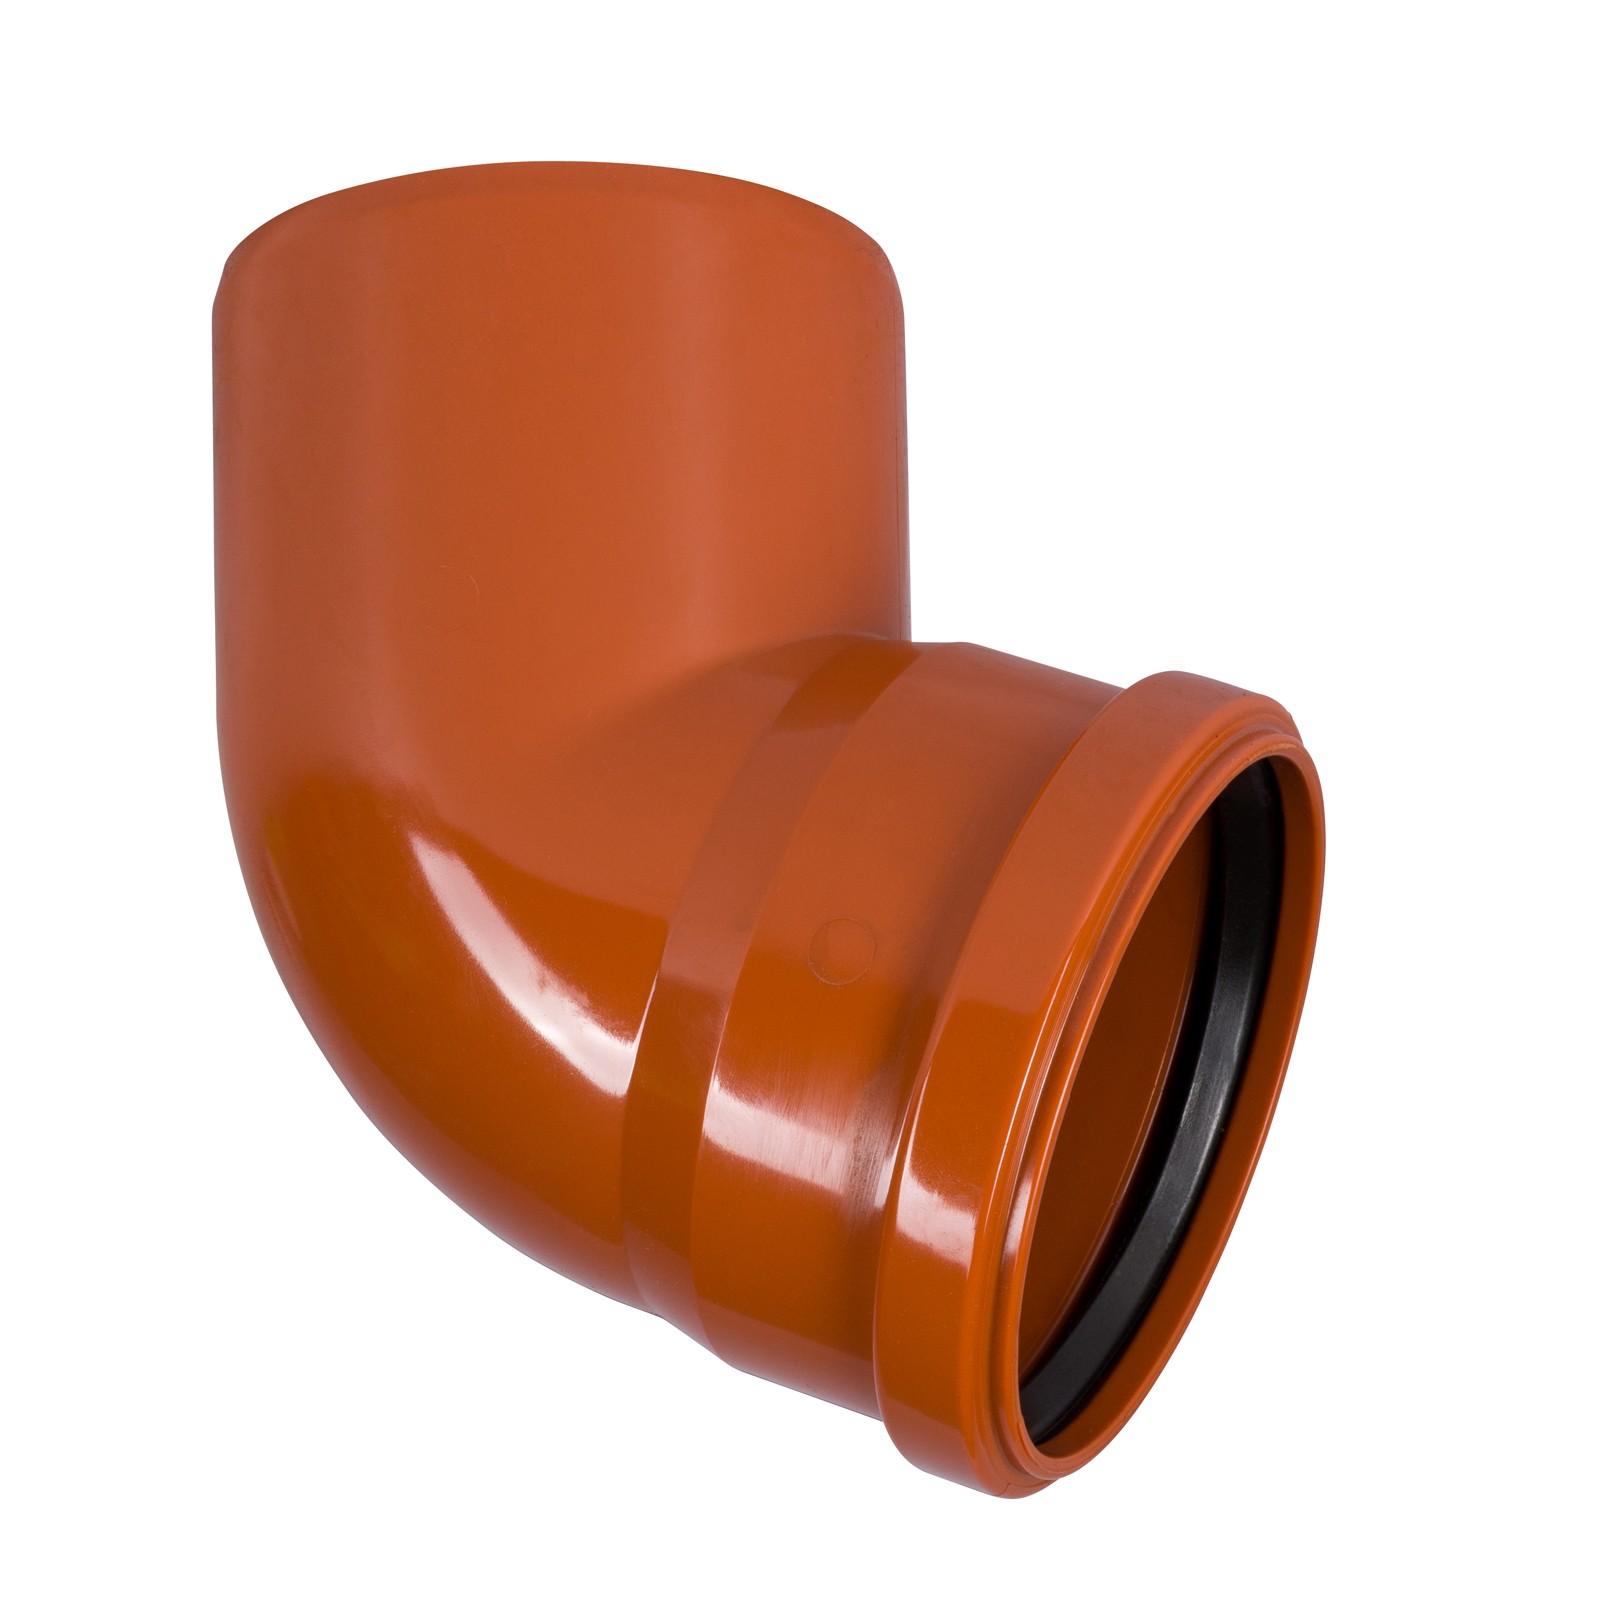 kg bogen dn200 67 grad rohr abwasserrohr kanalrohr orange. Black Bedroom Furniture Sets. Home Design Ideas